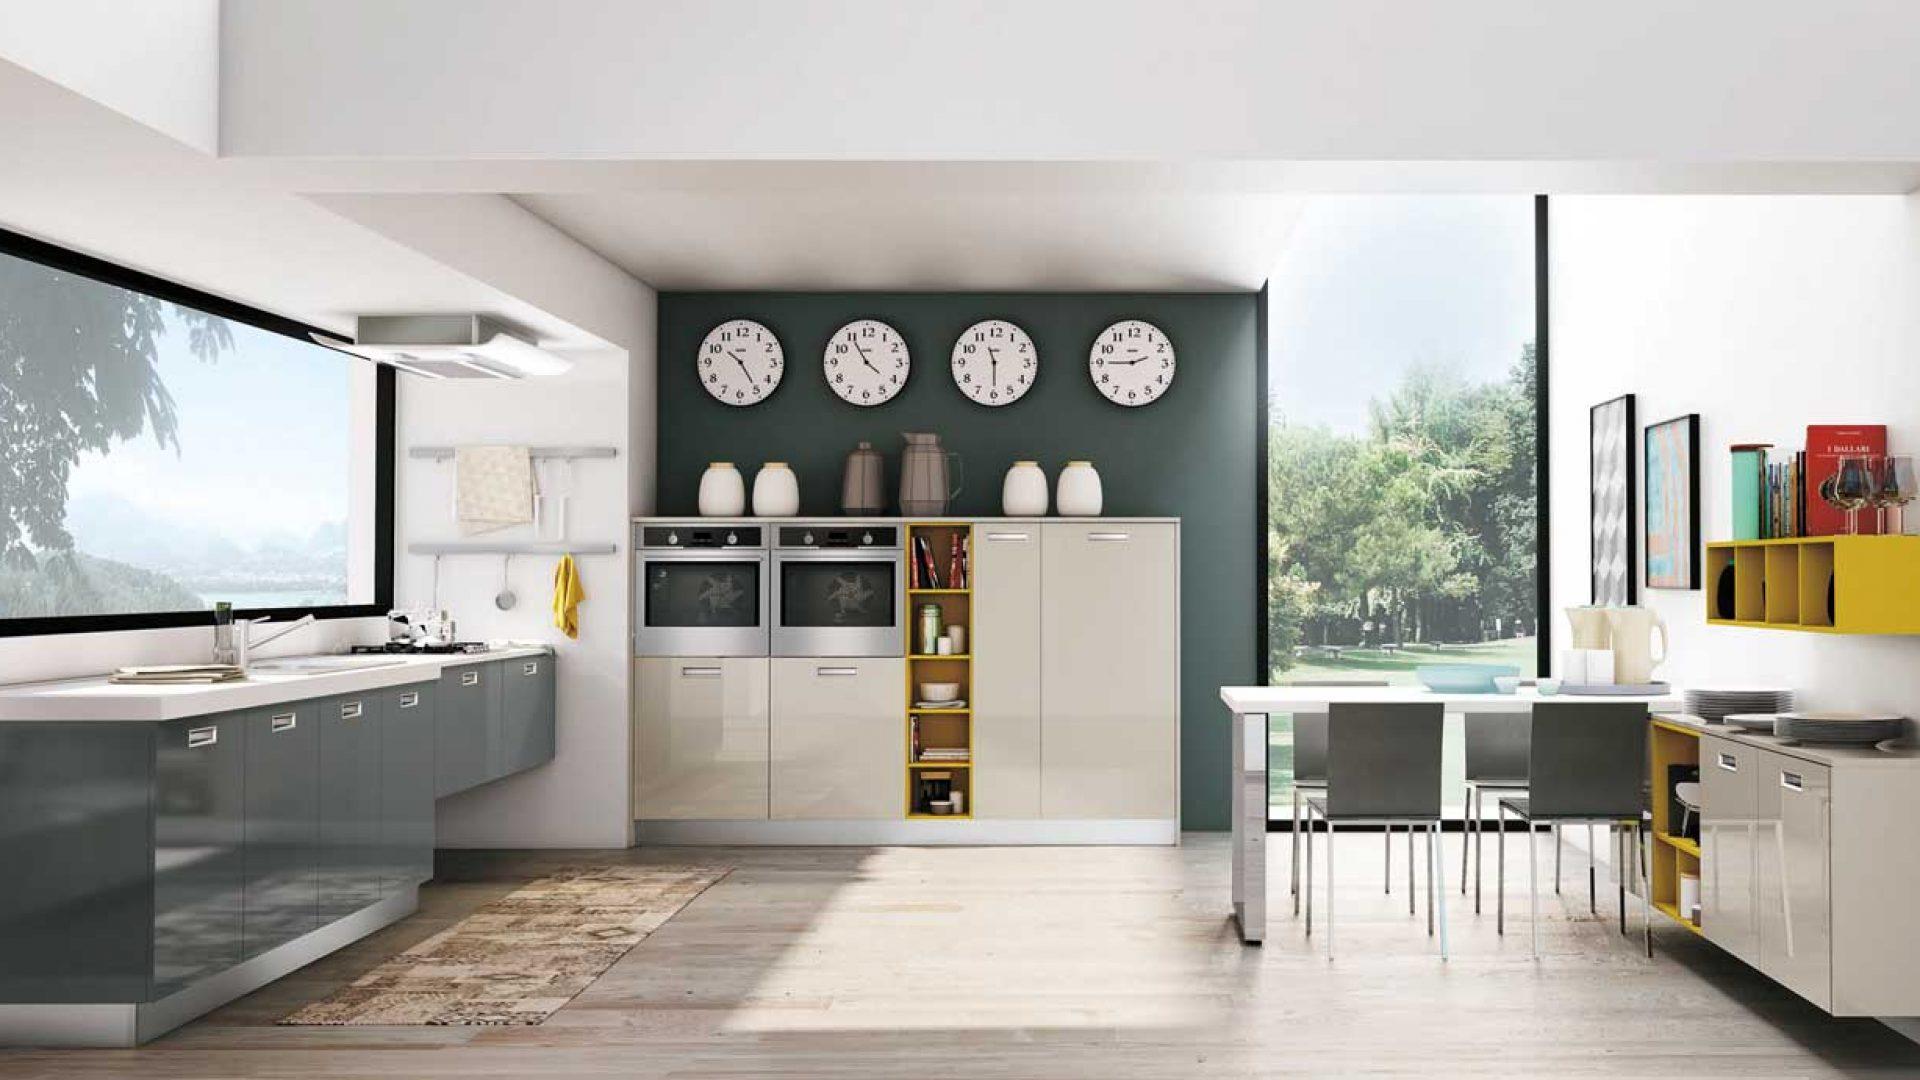 cucine lube creo kitchen de caro arredamenti battipaglia